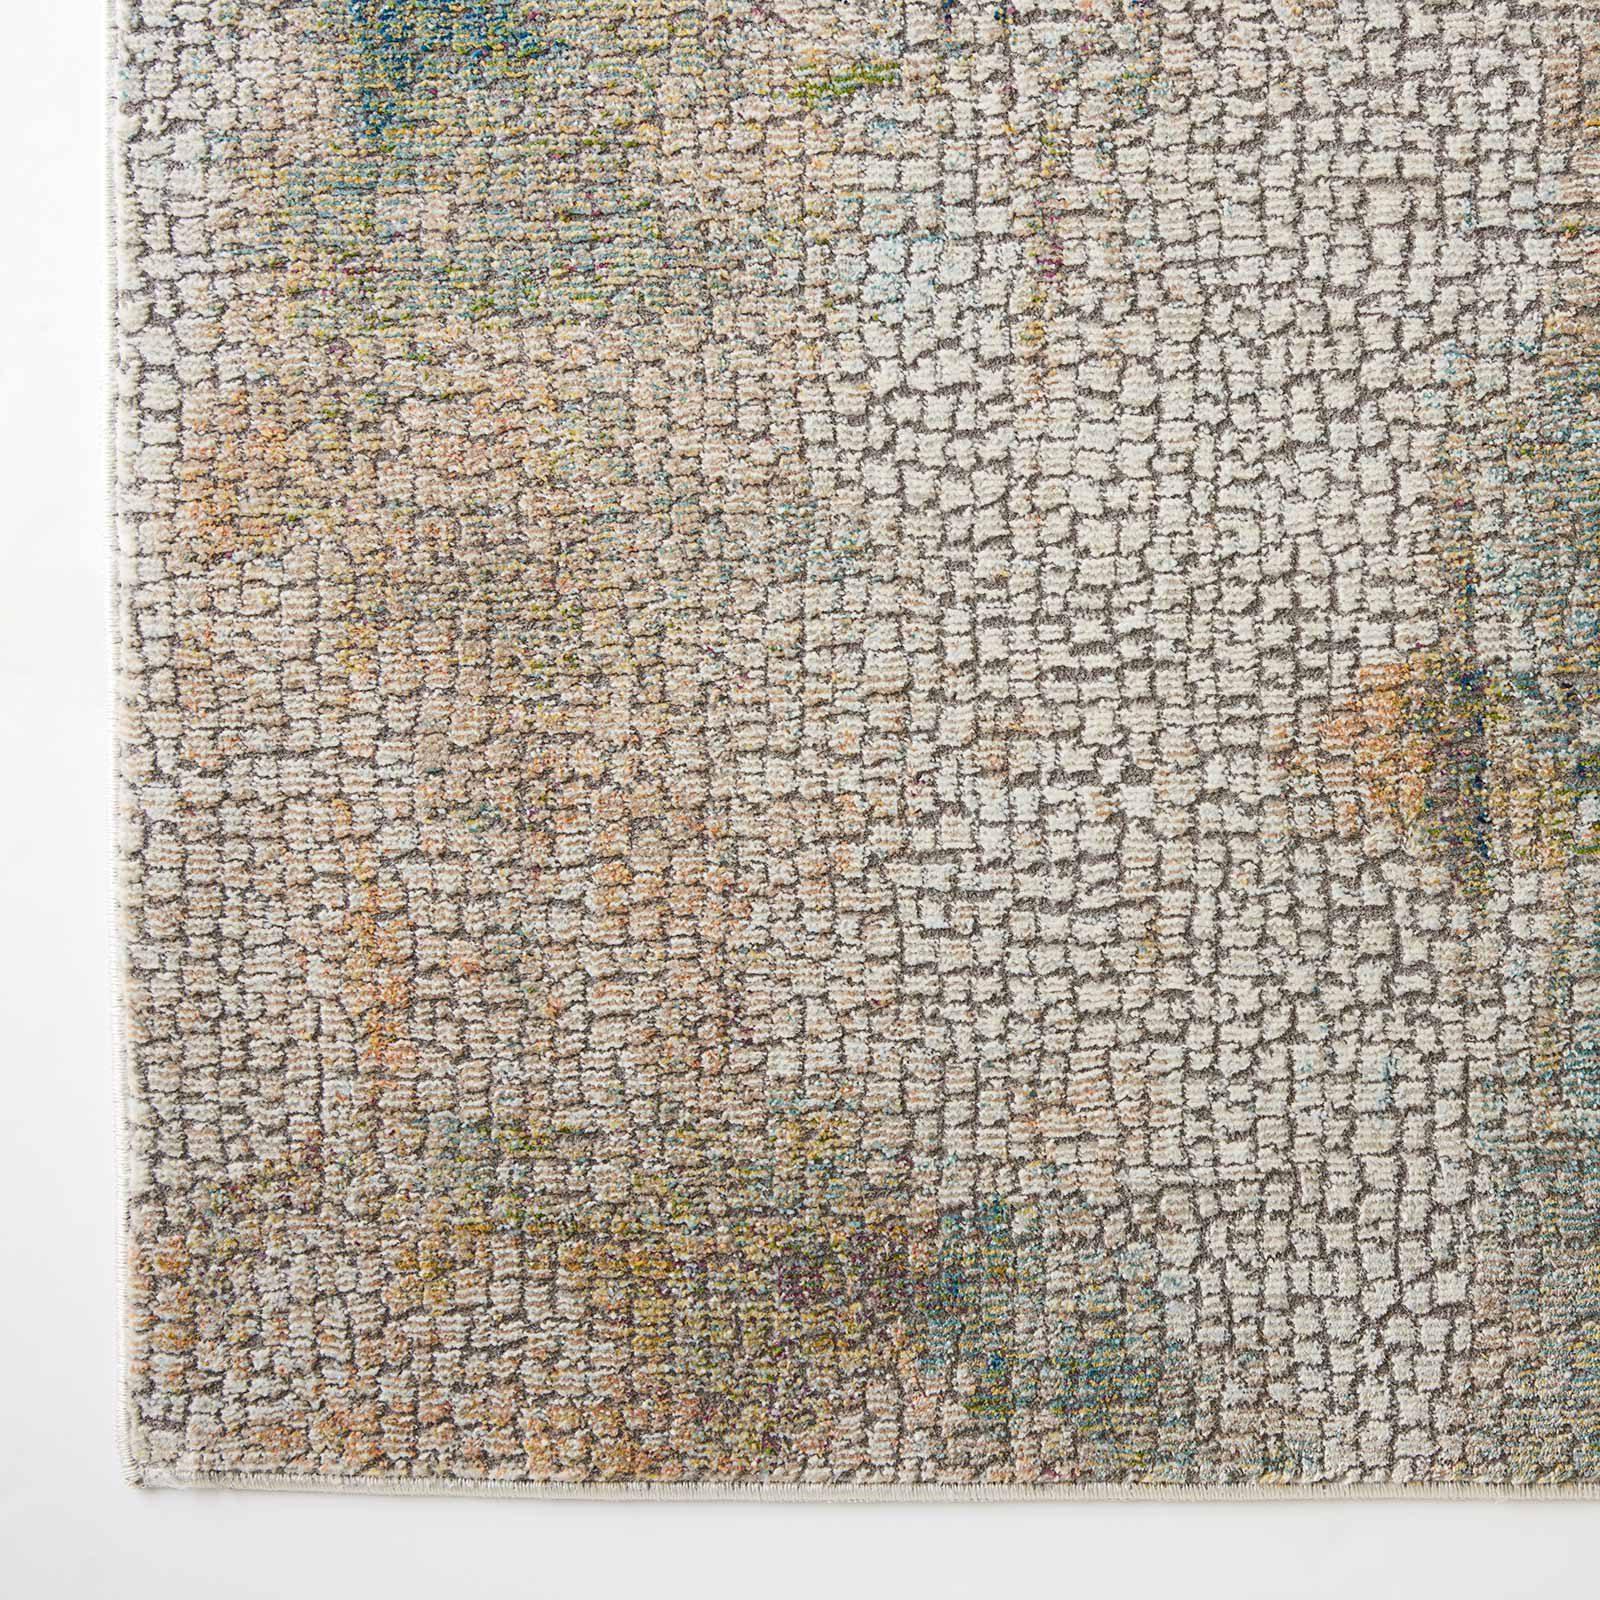 Andessi tapijt Ankara Global ANR09 IVMTC 5x8 099446474896 CRW